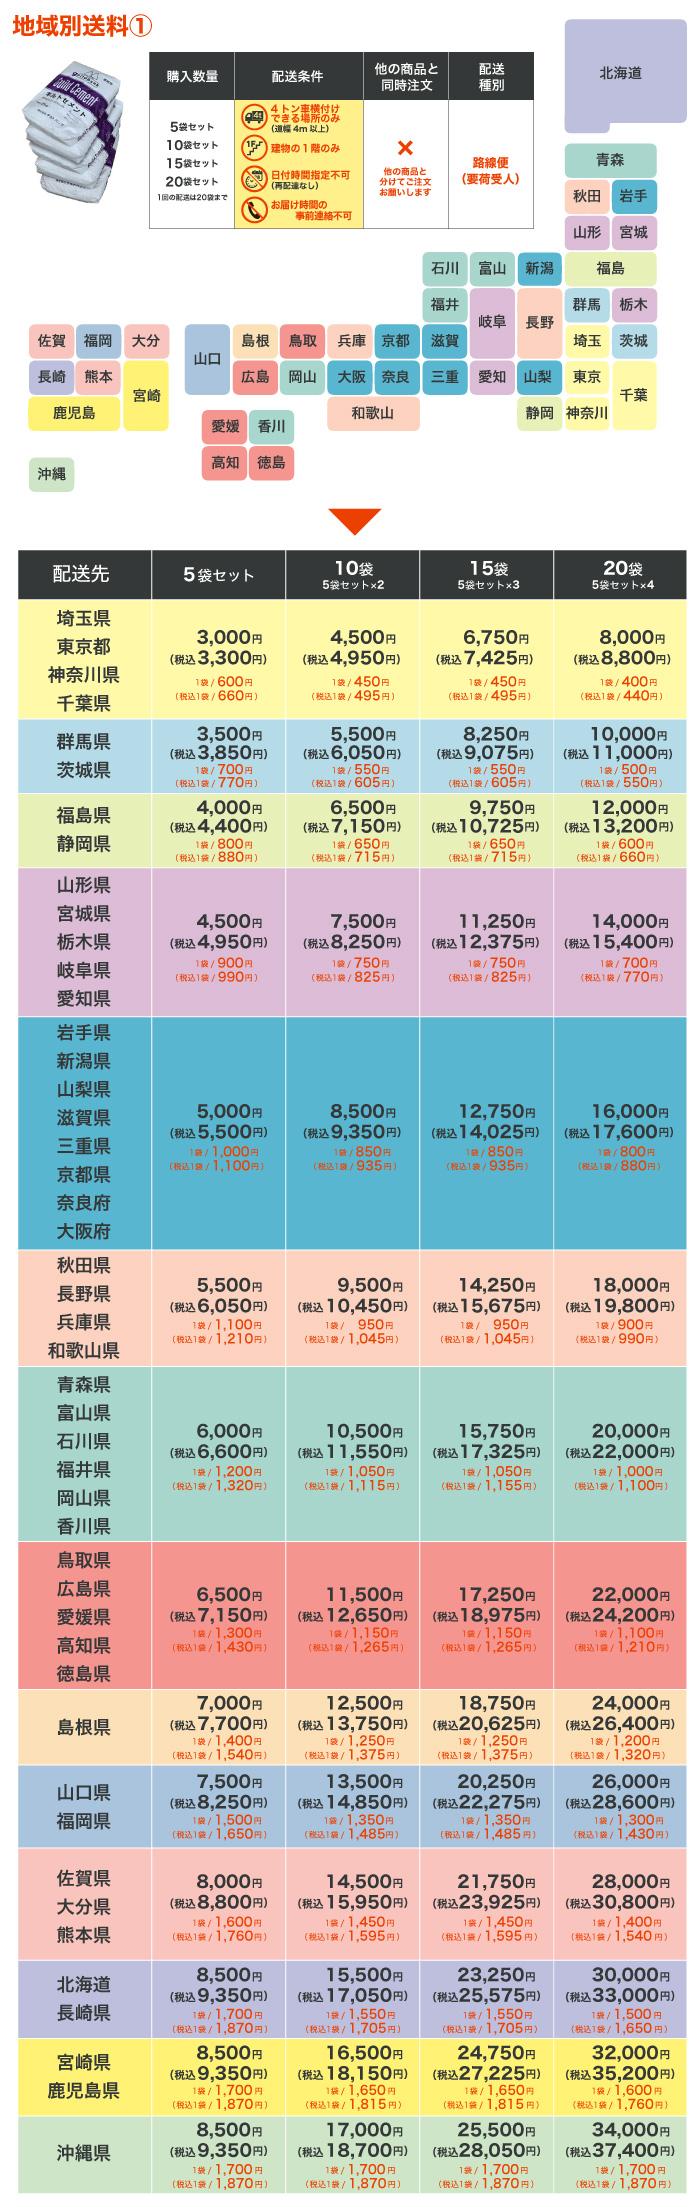 """""""ギルトセメント5袋セット送料"""""""